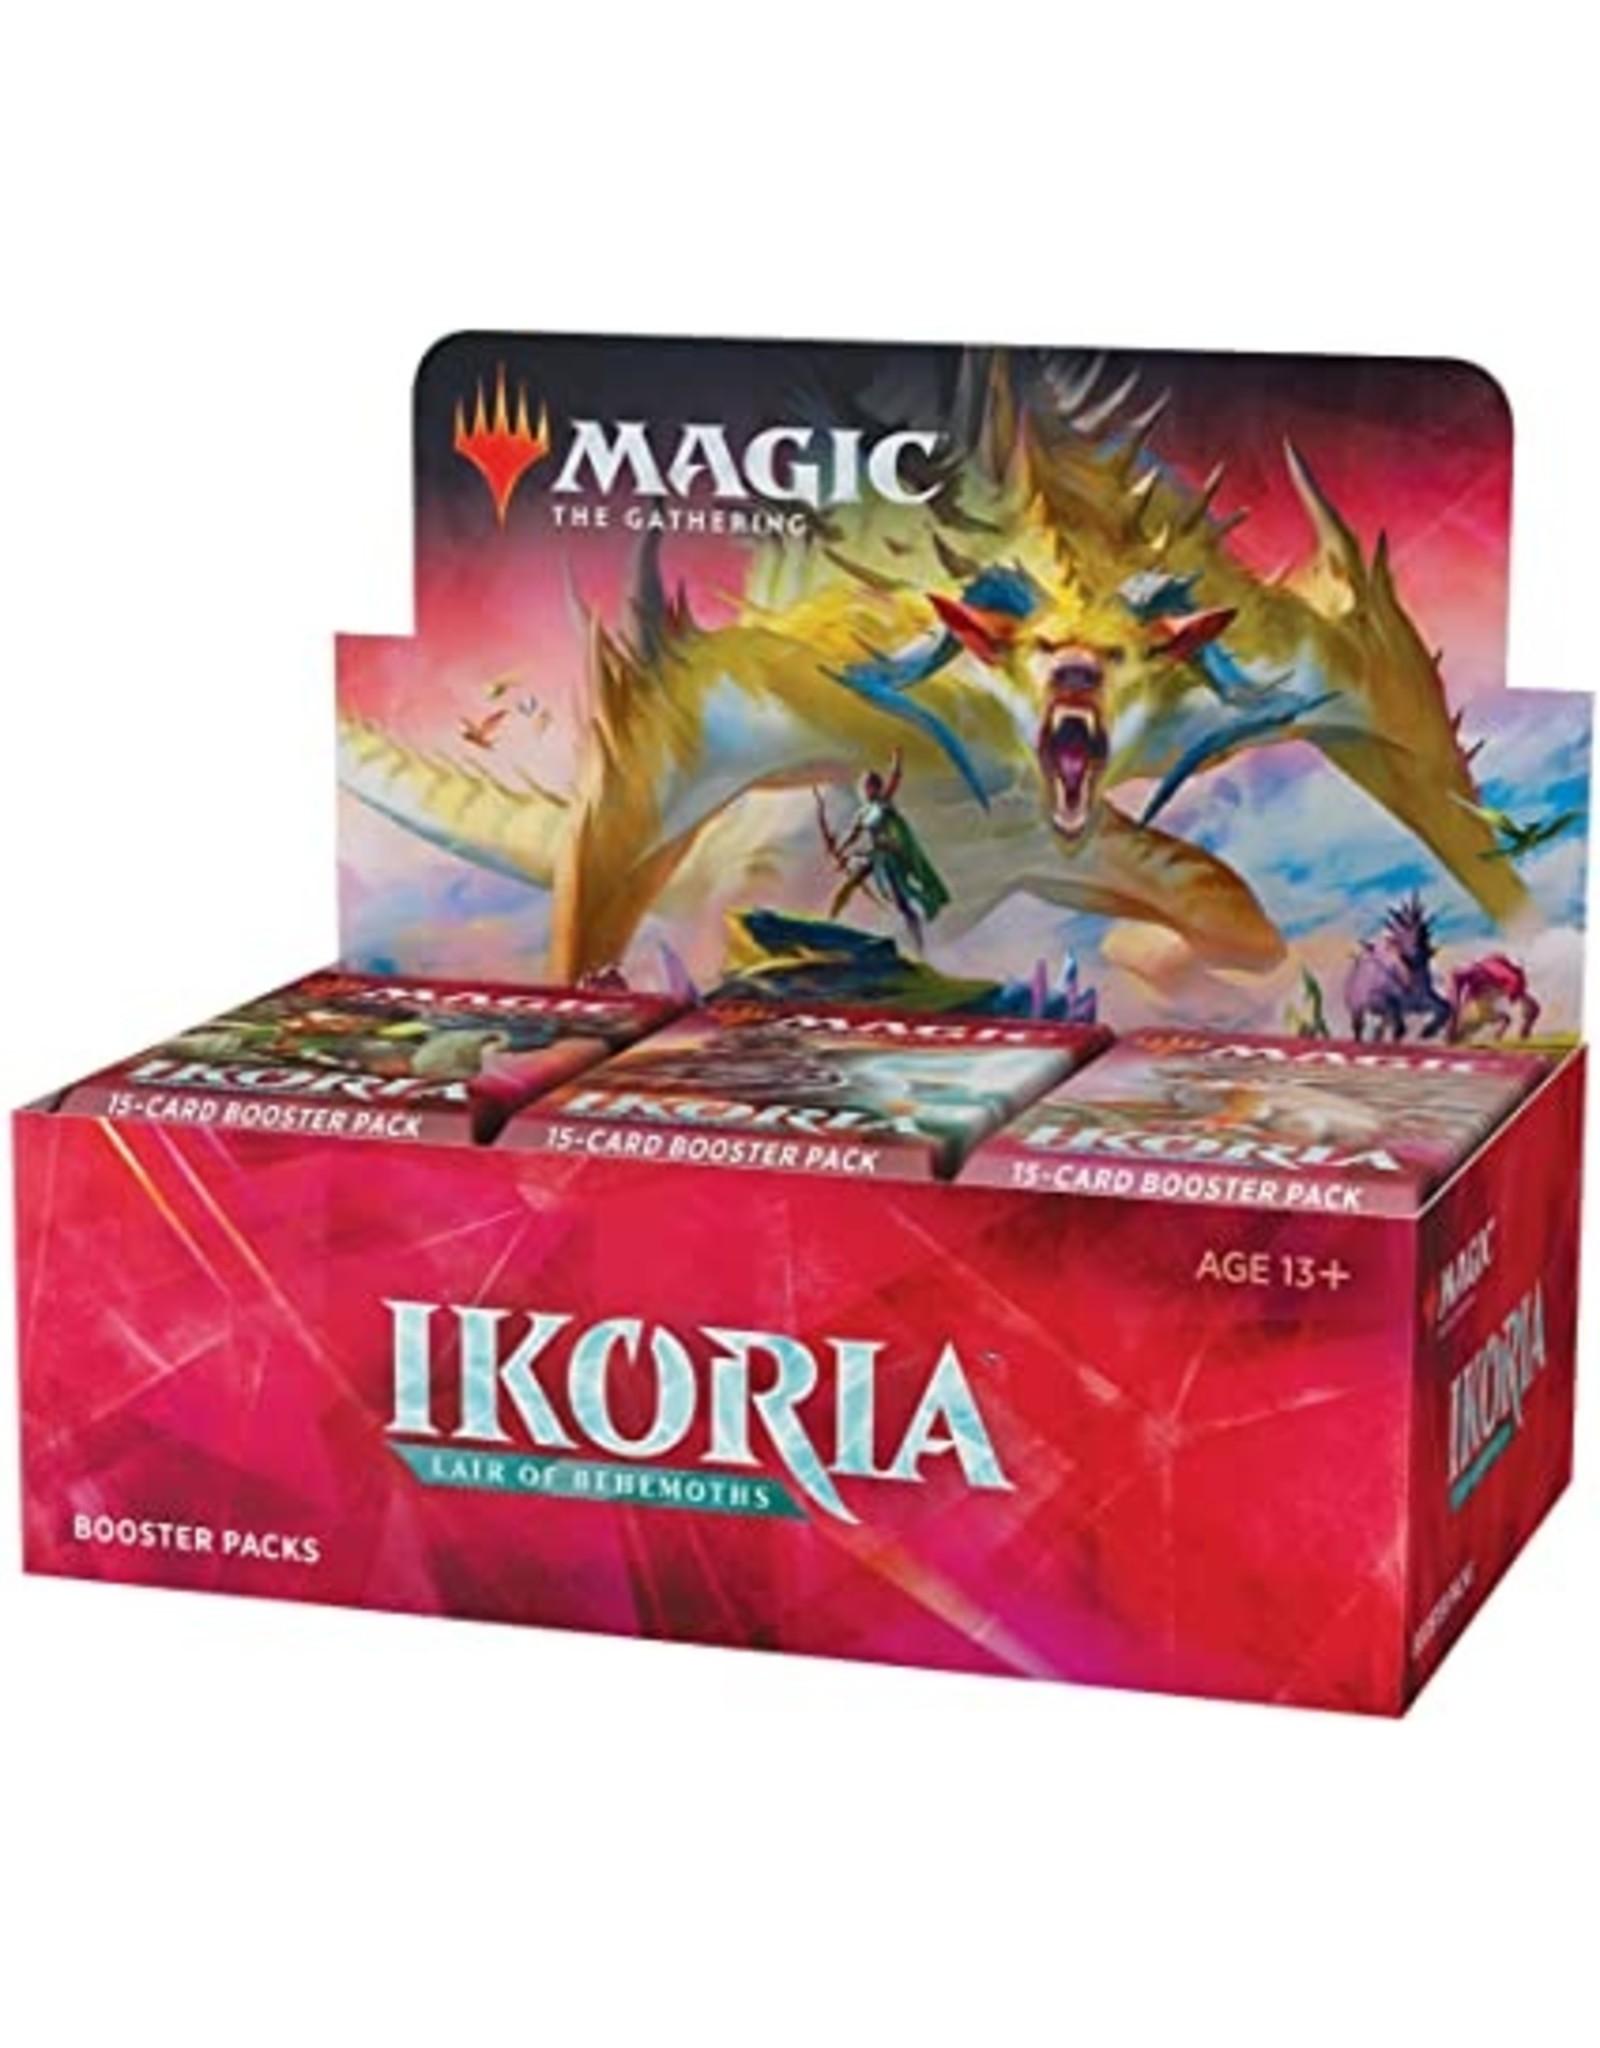 Magic: The Gathering Ikoria Draft Booster Box PREORDER May 15, 2020